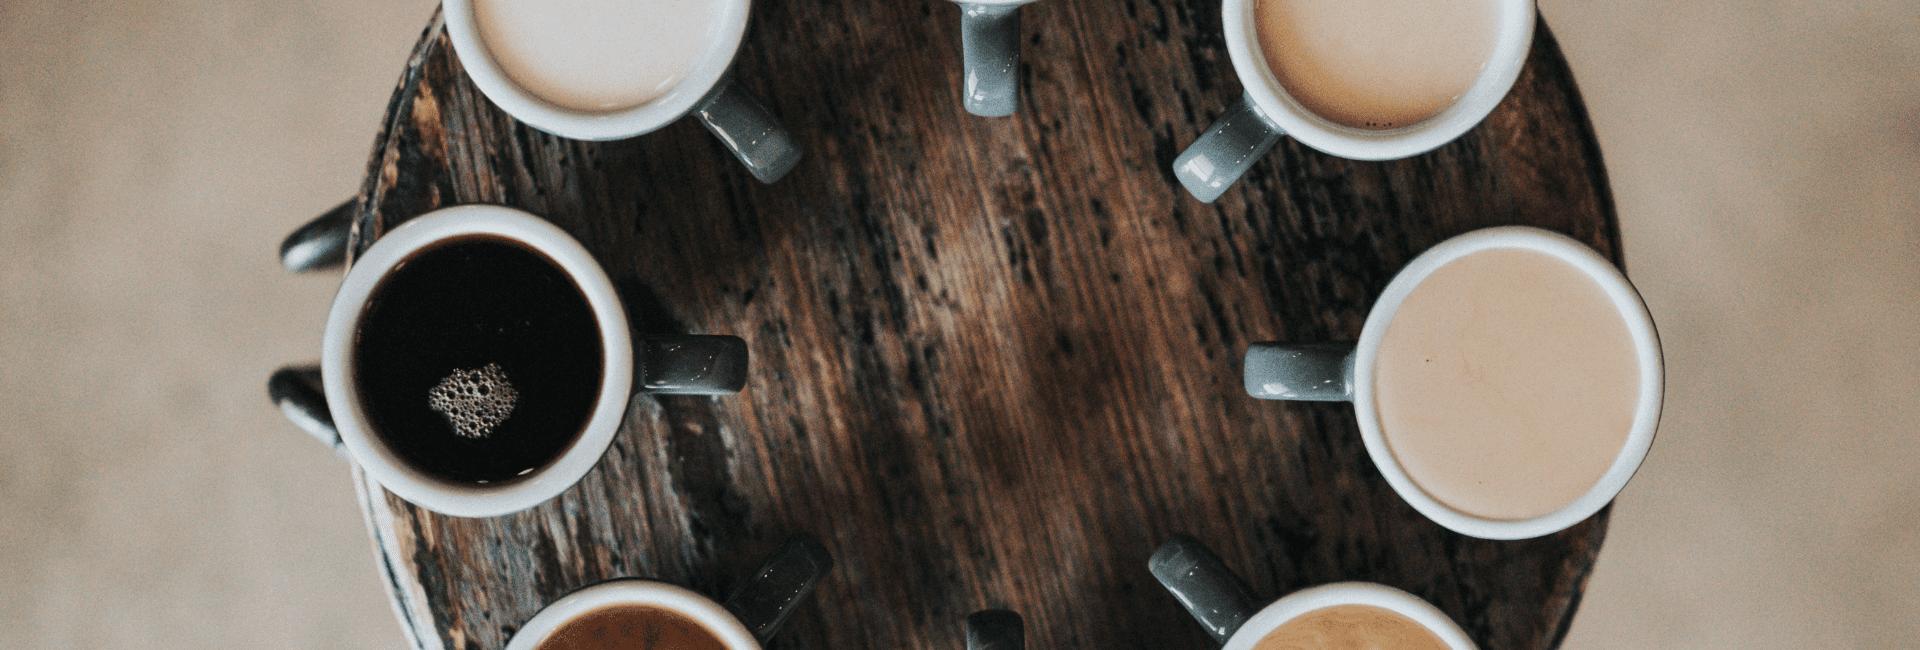 Comment faire une bonne tasse de café ?